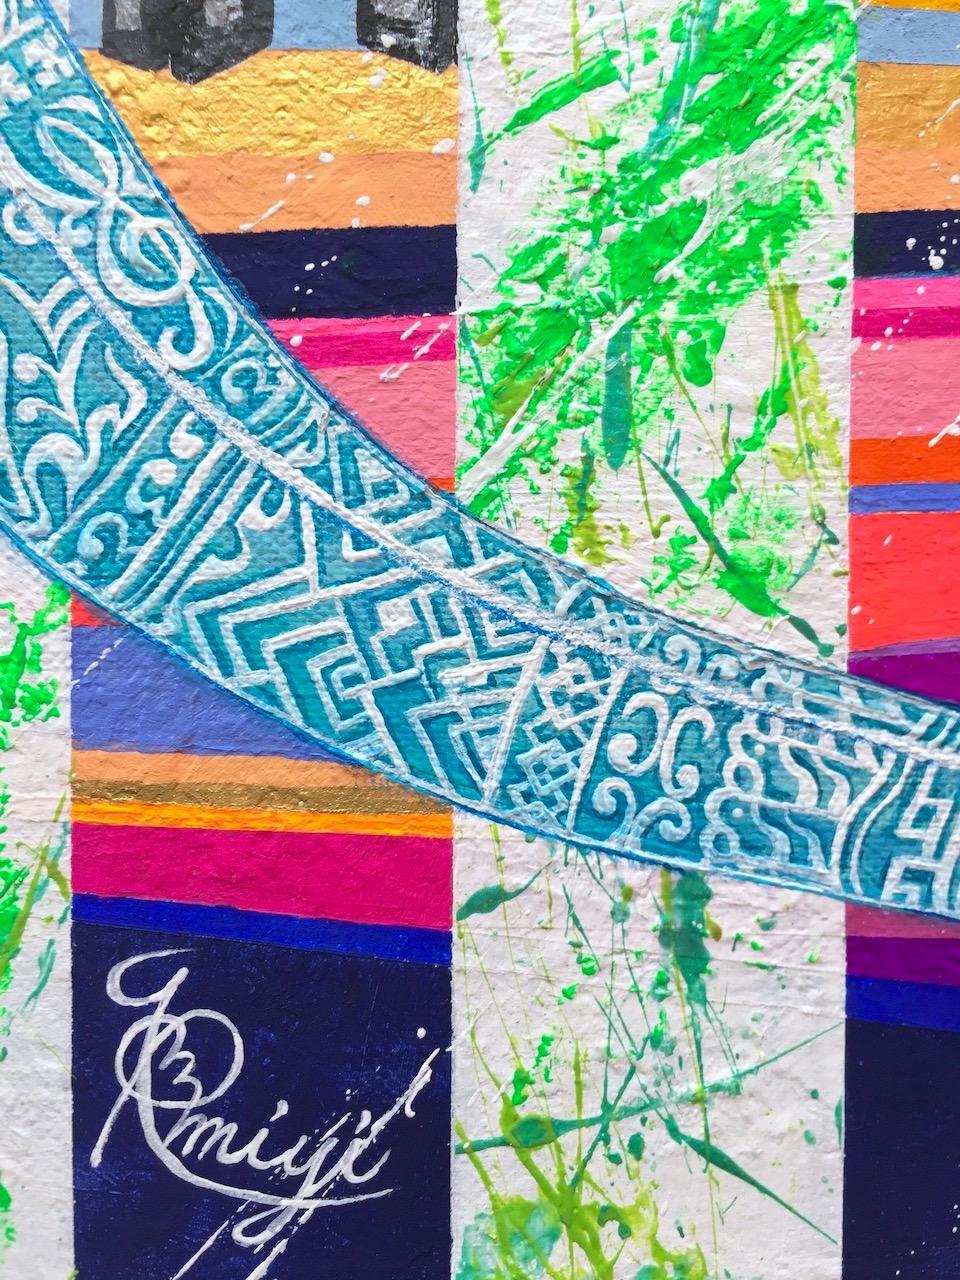 『 KAITIAKI 』acrylic on canvas (53.0cm×45.5cm/F10)